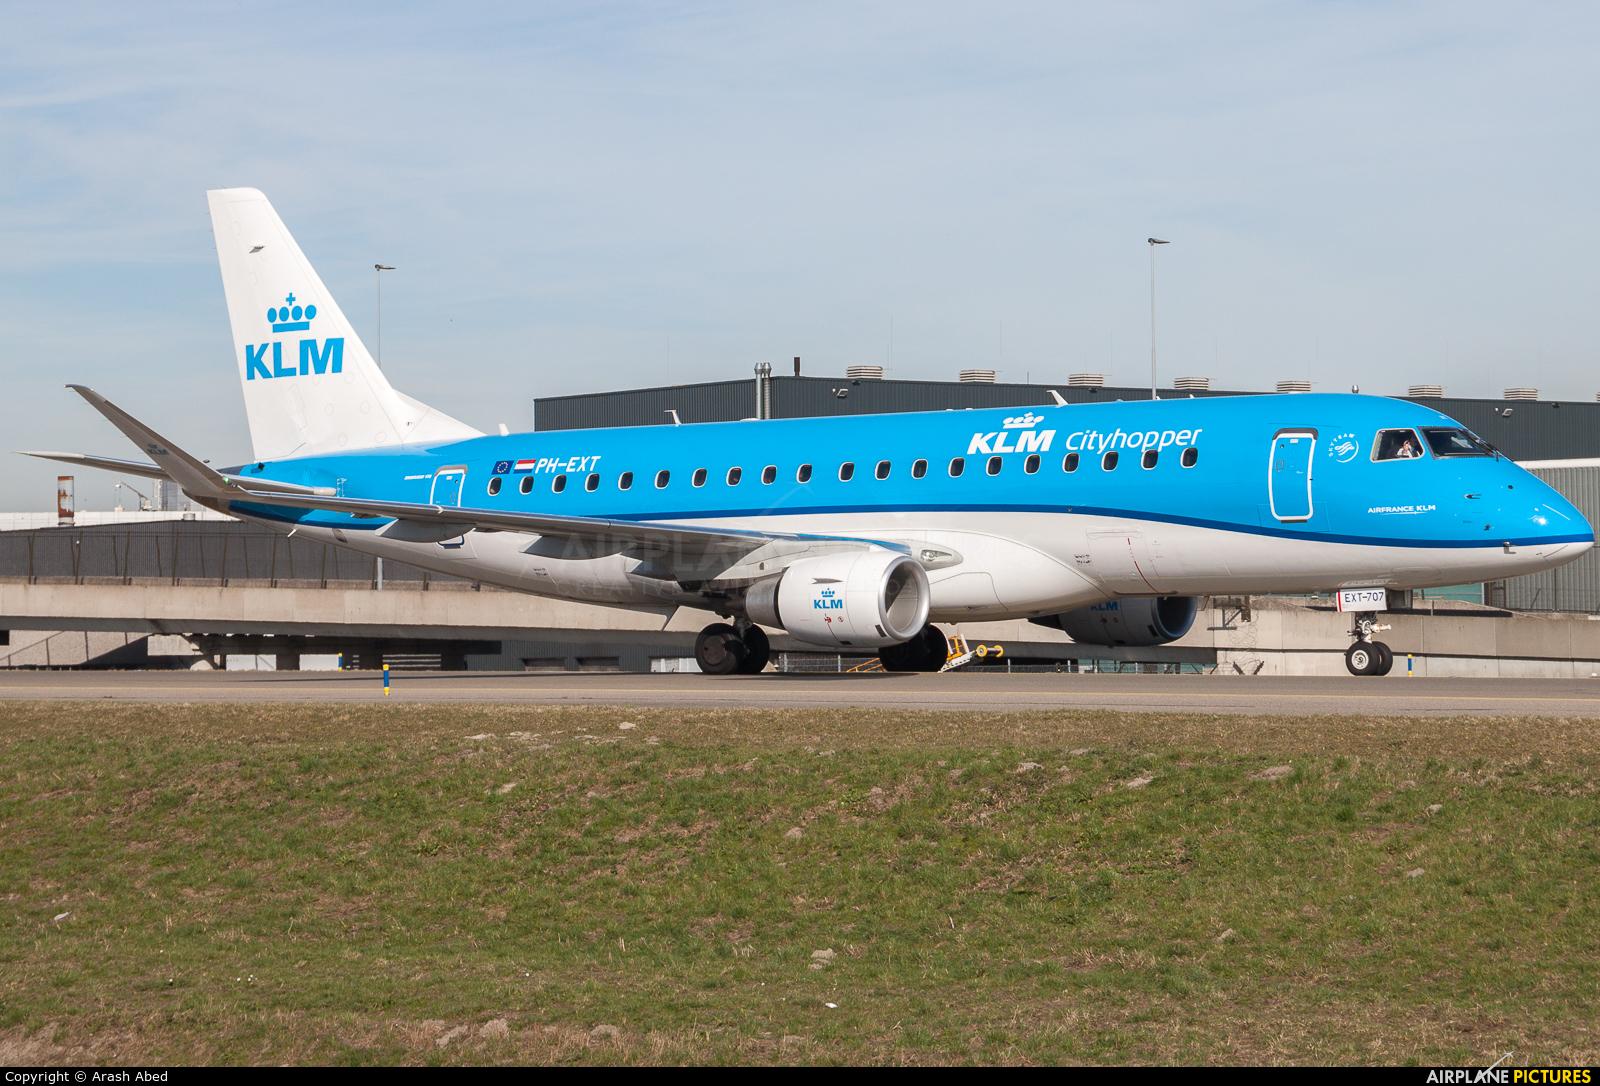 KLM Cityhopper PH-EXT aircraft at Amsterdam - Schiphol